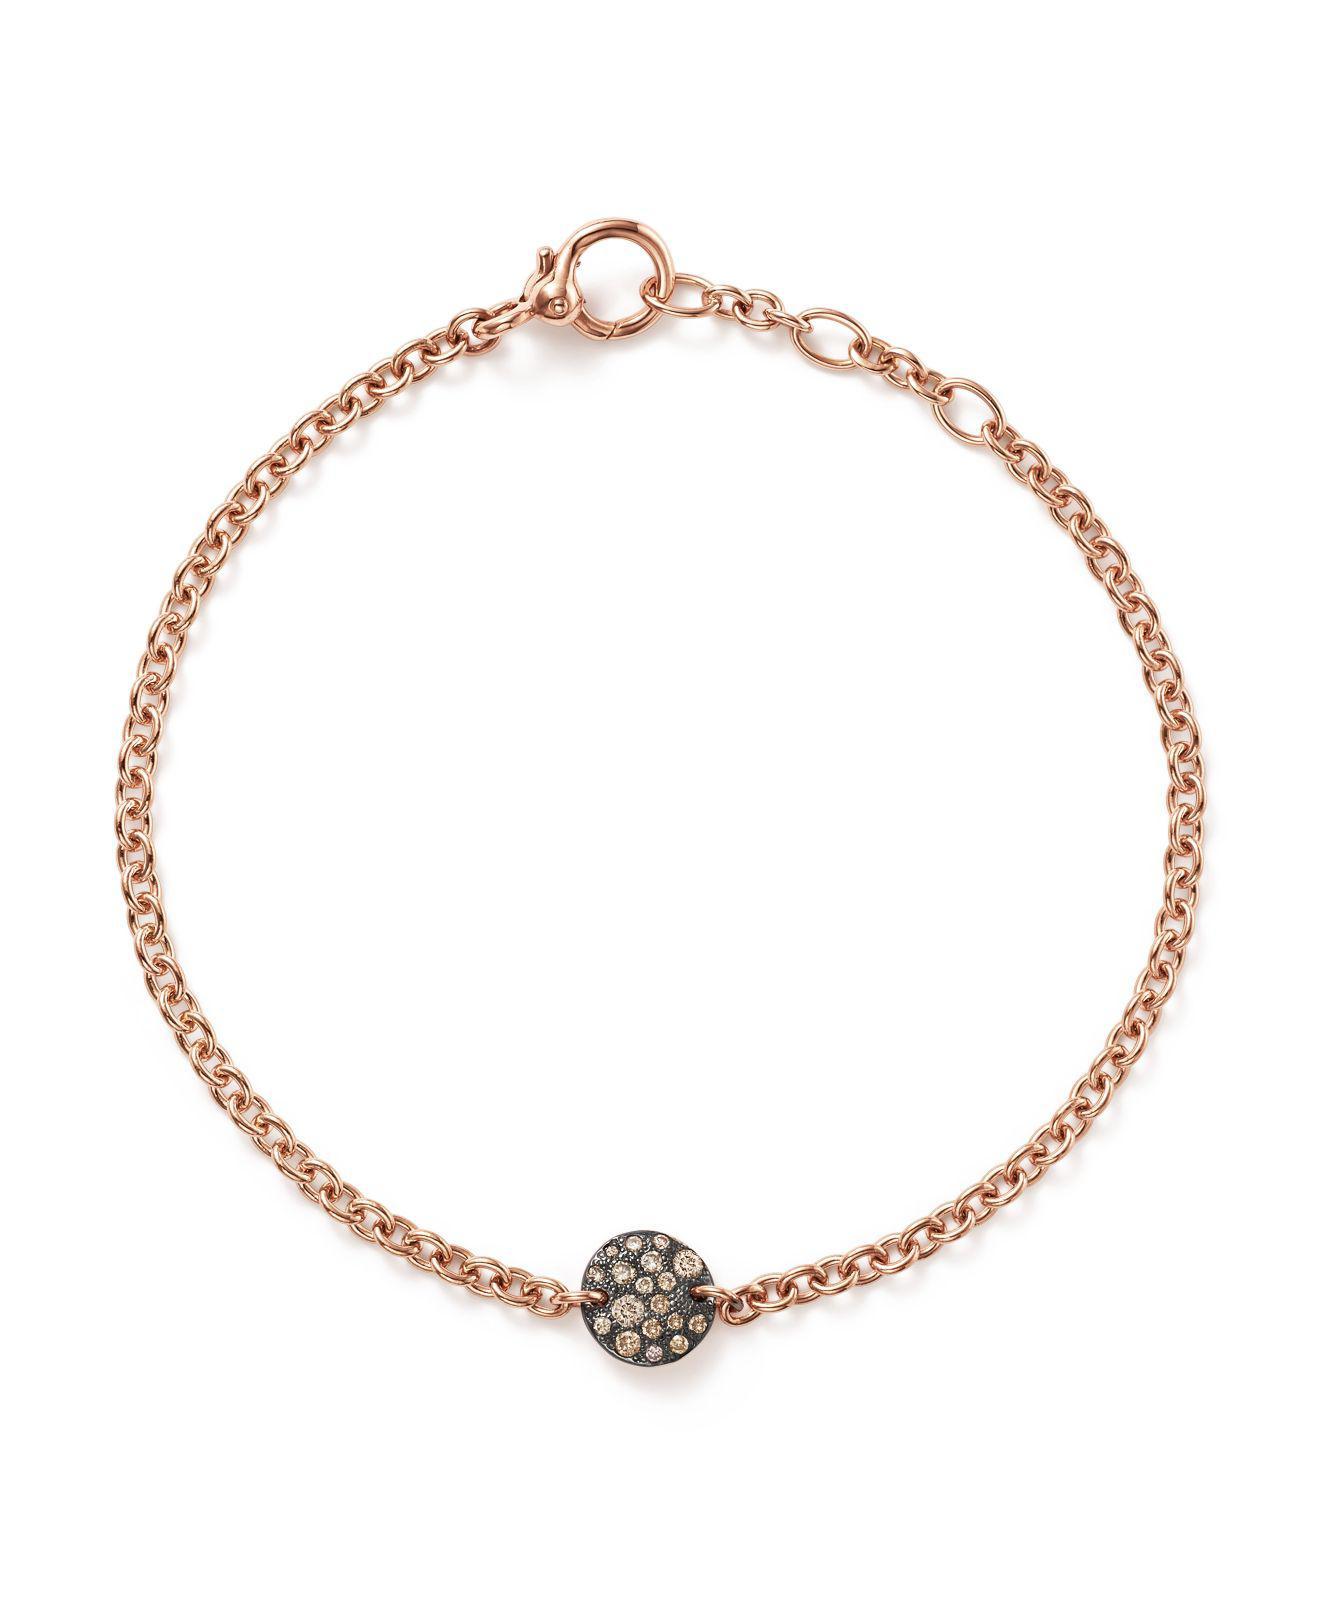 POMELLATO Sabbia Brown Diamond Station Bracelet in 18K Rose Gold d2KlXpr0